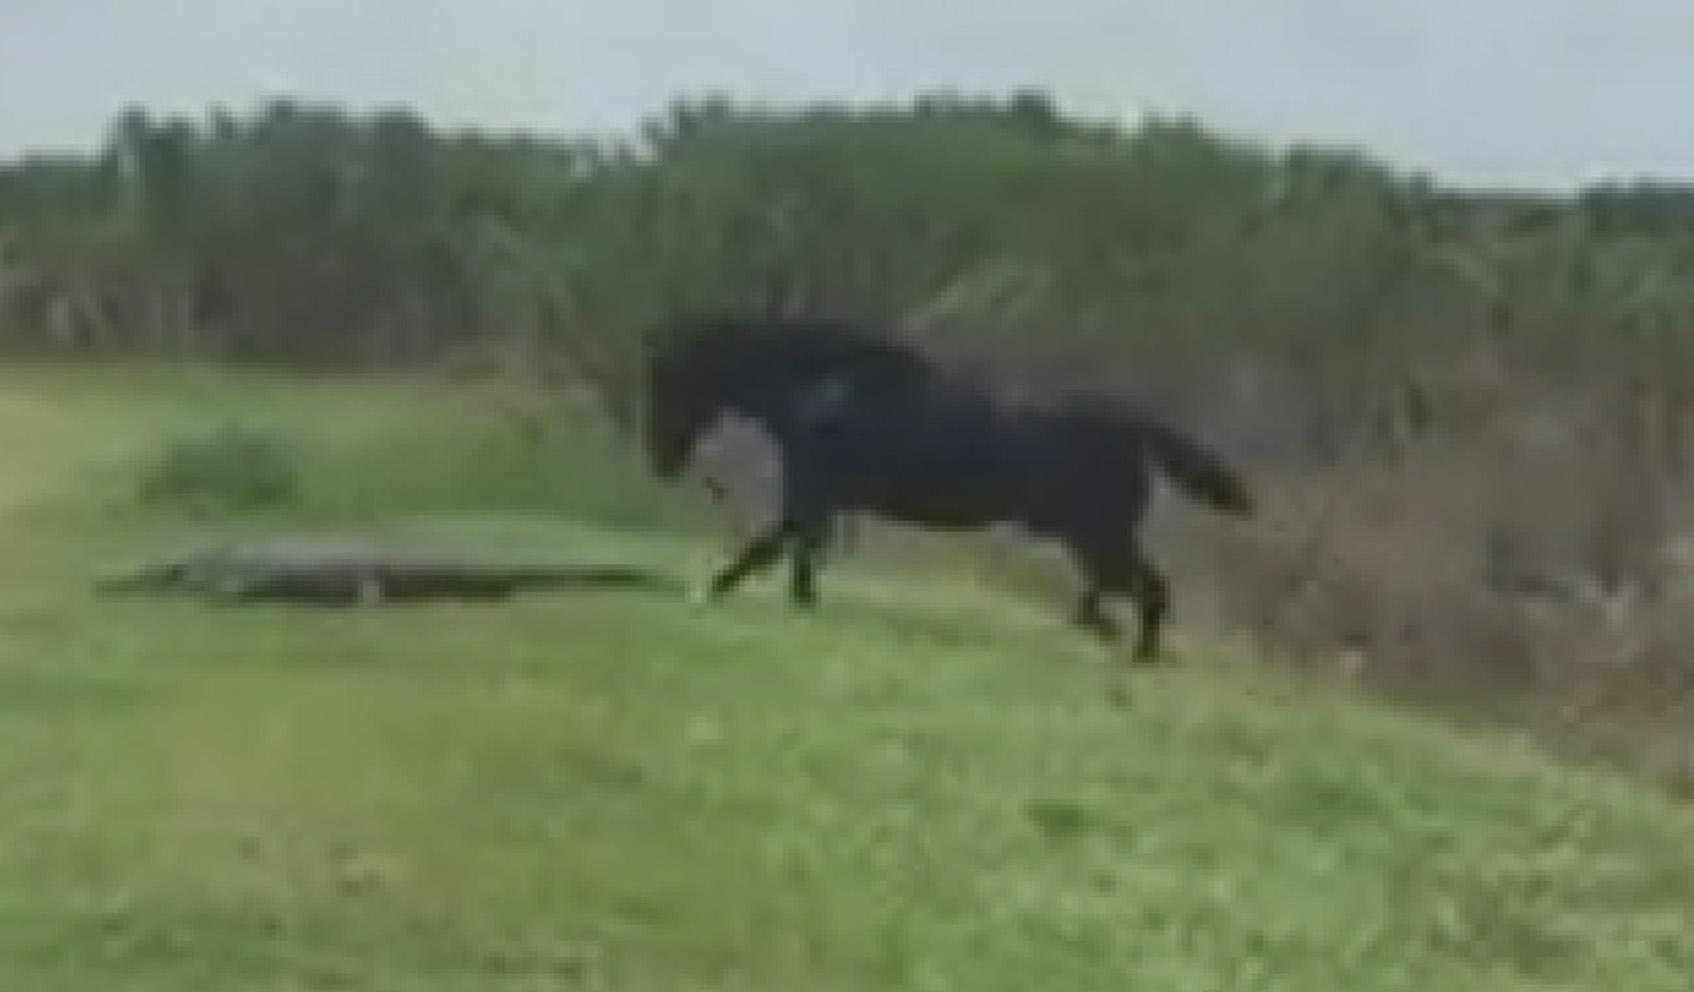 Un caballo ataca a un cocodrilo en Florida. (Video viral)